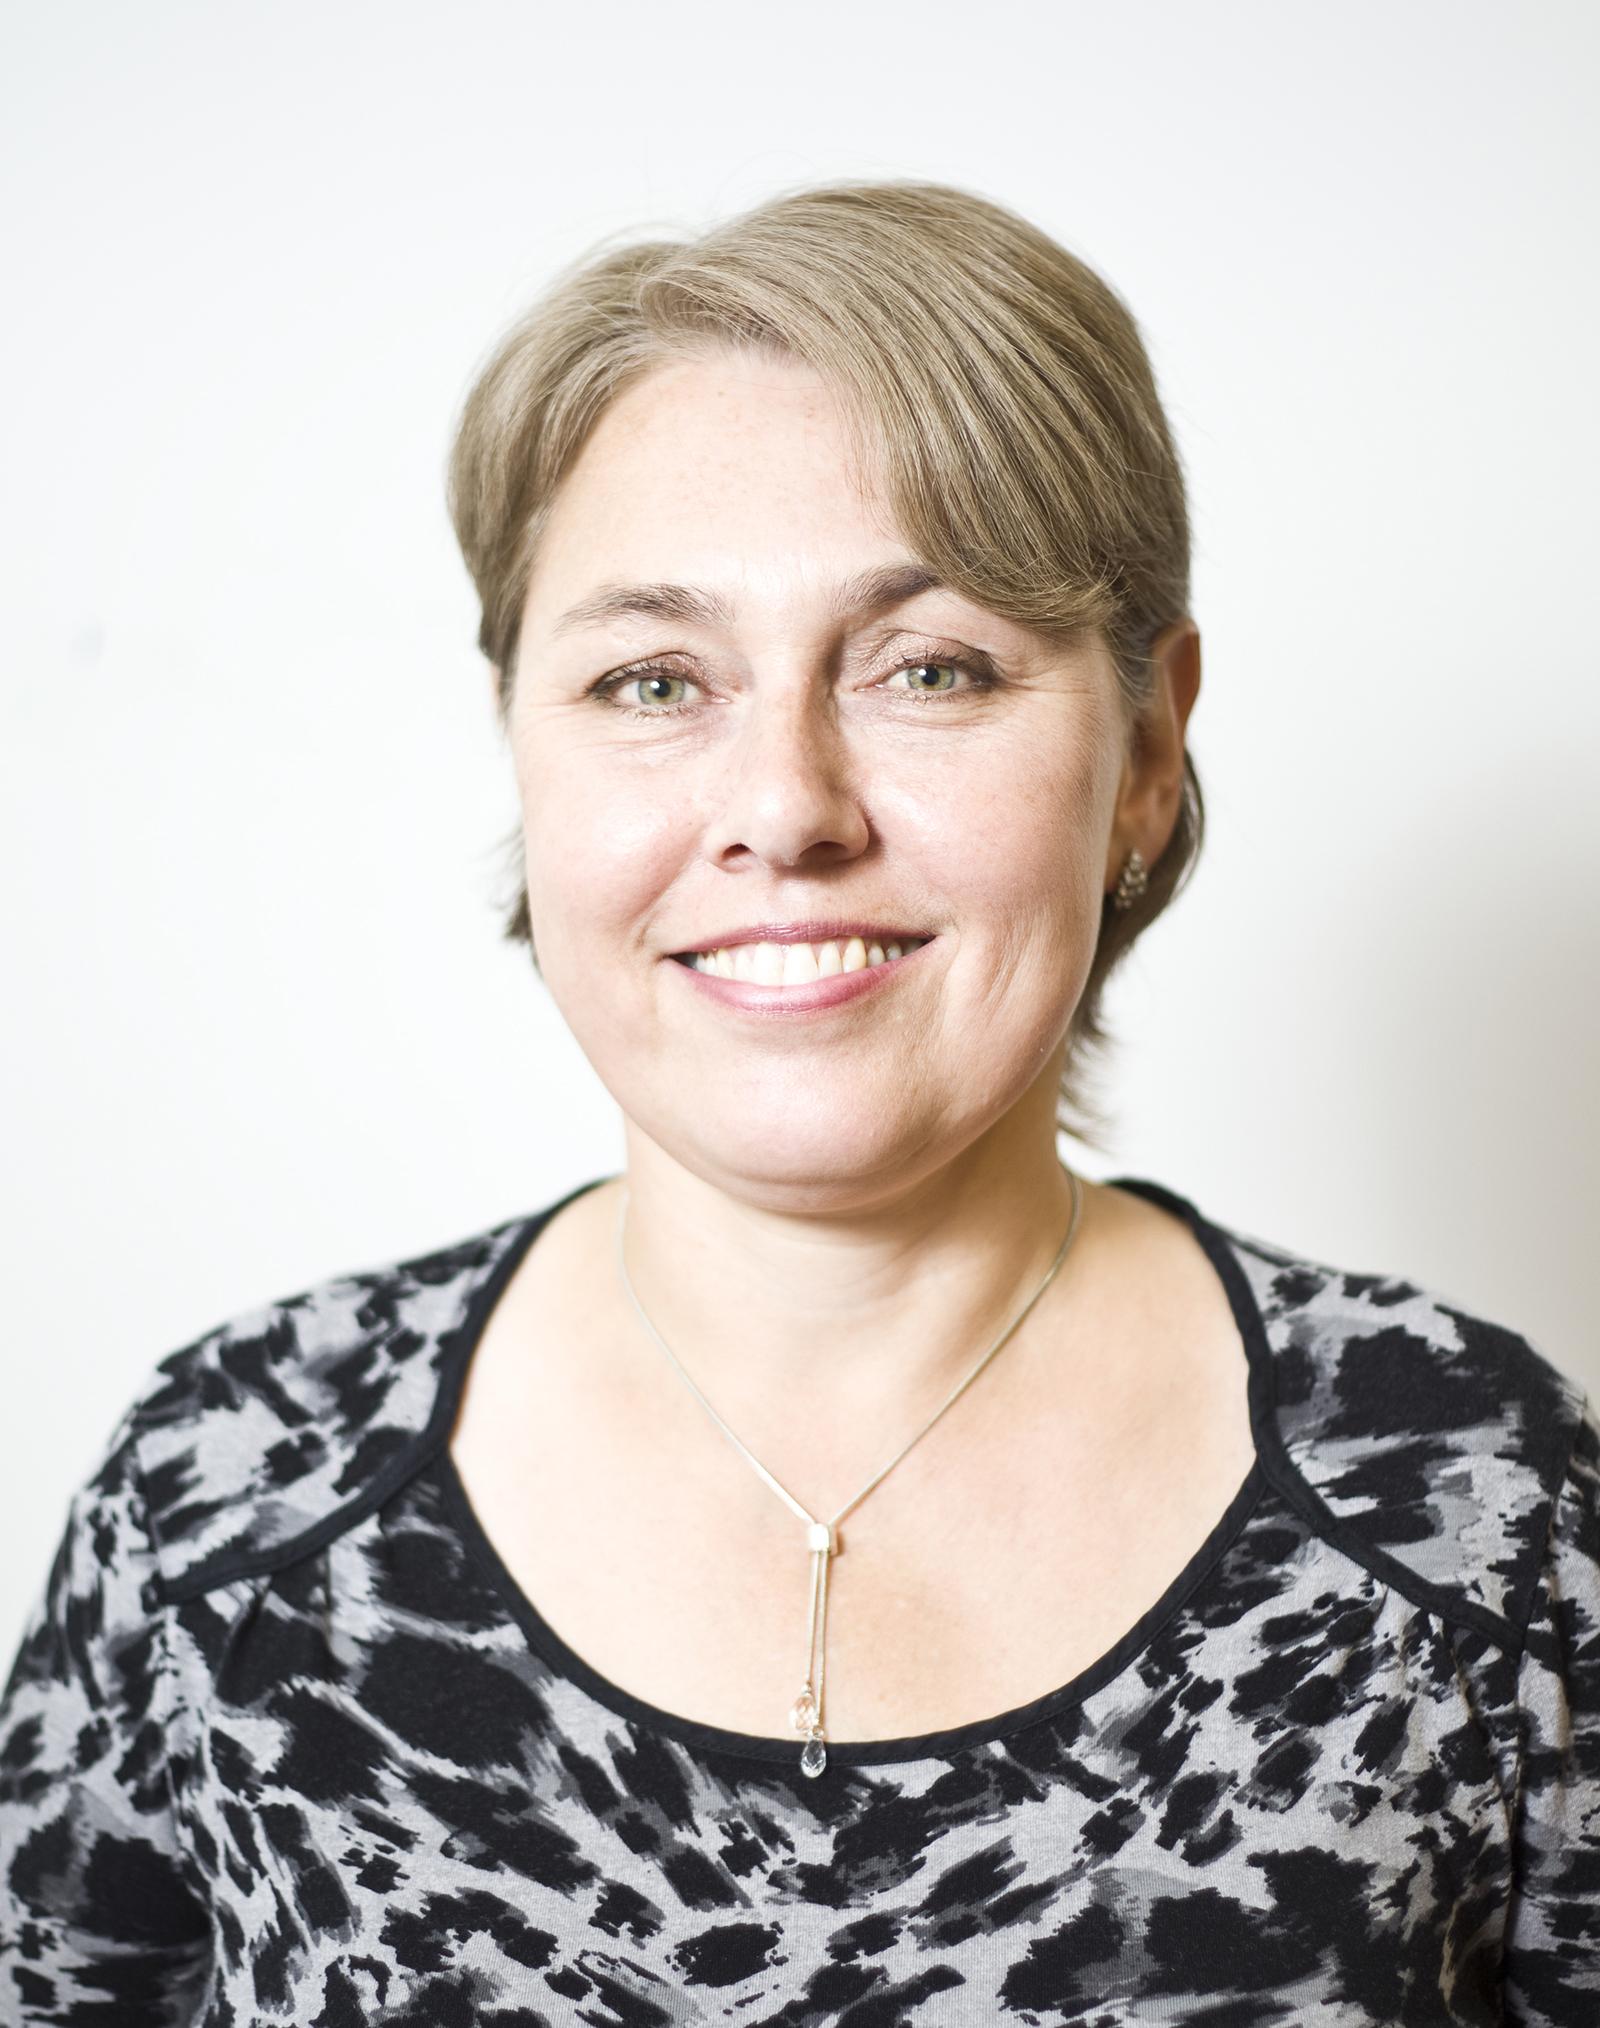 Debbie Herbst